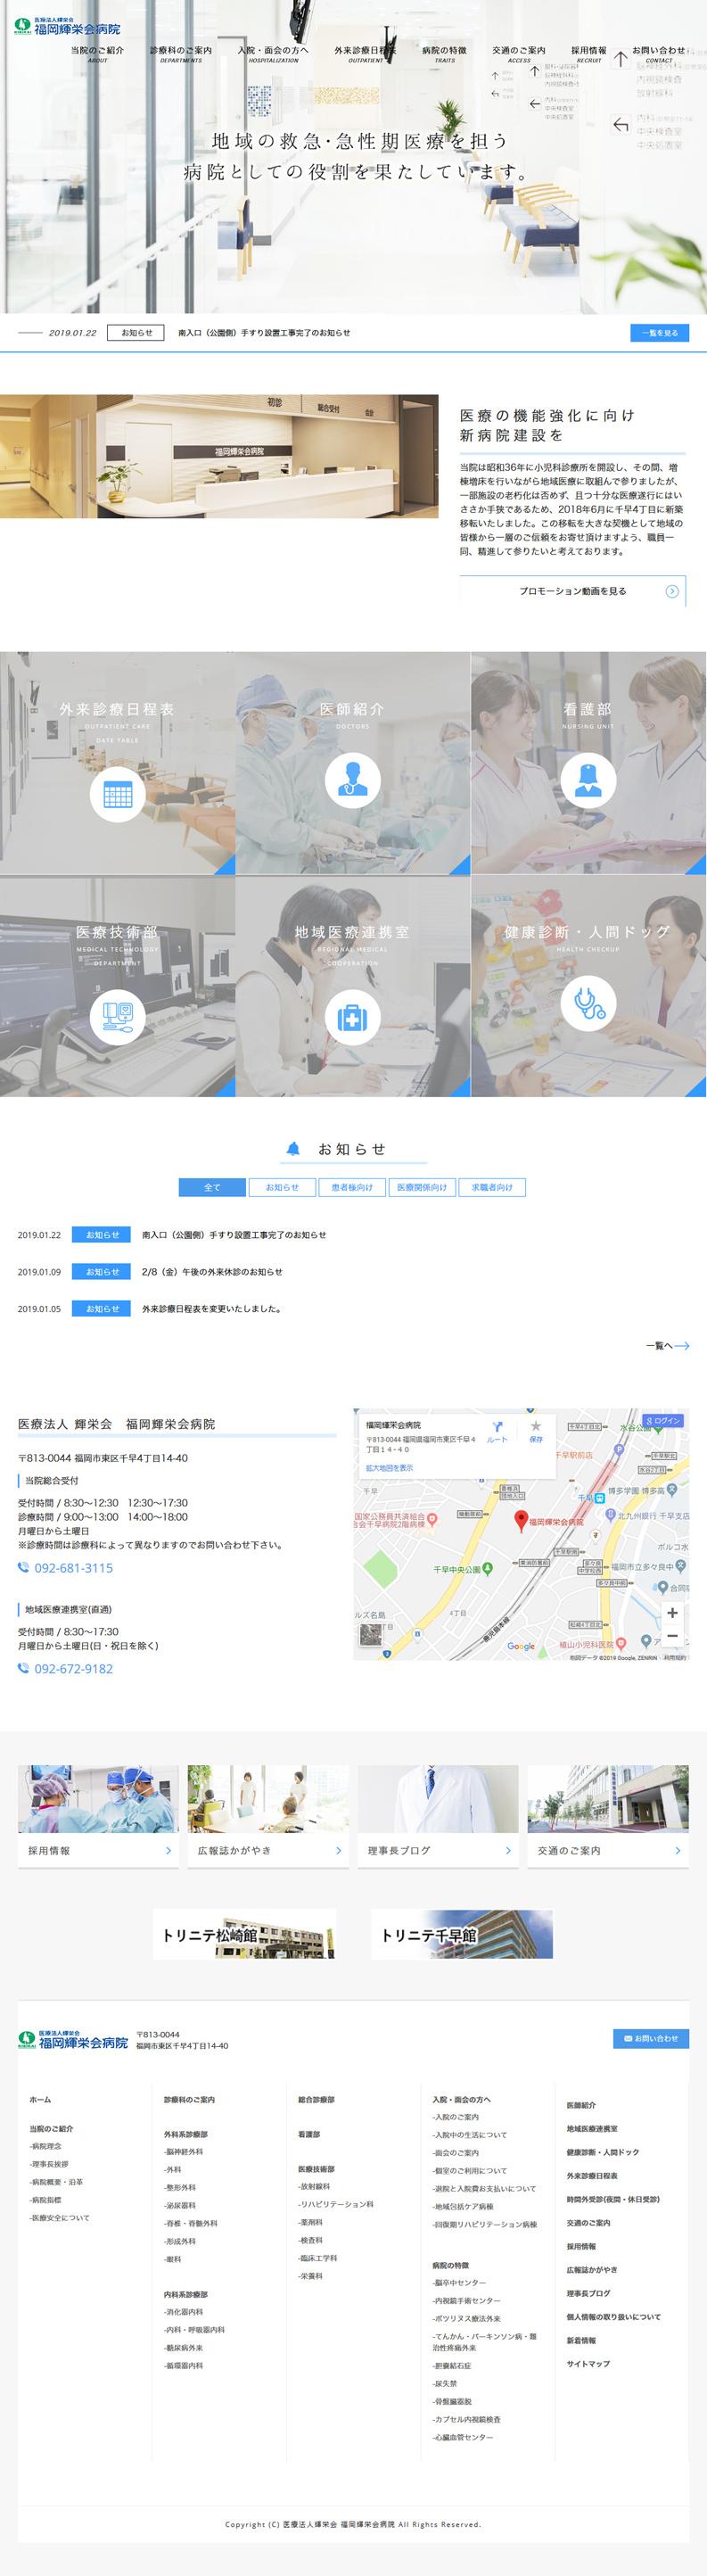 医療法人輝栄会 福岡輝栄会病院PC版イメージ